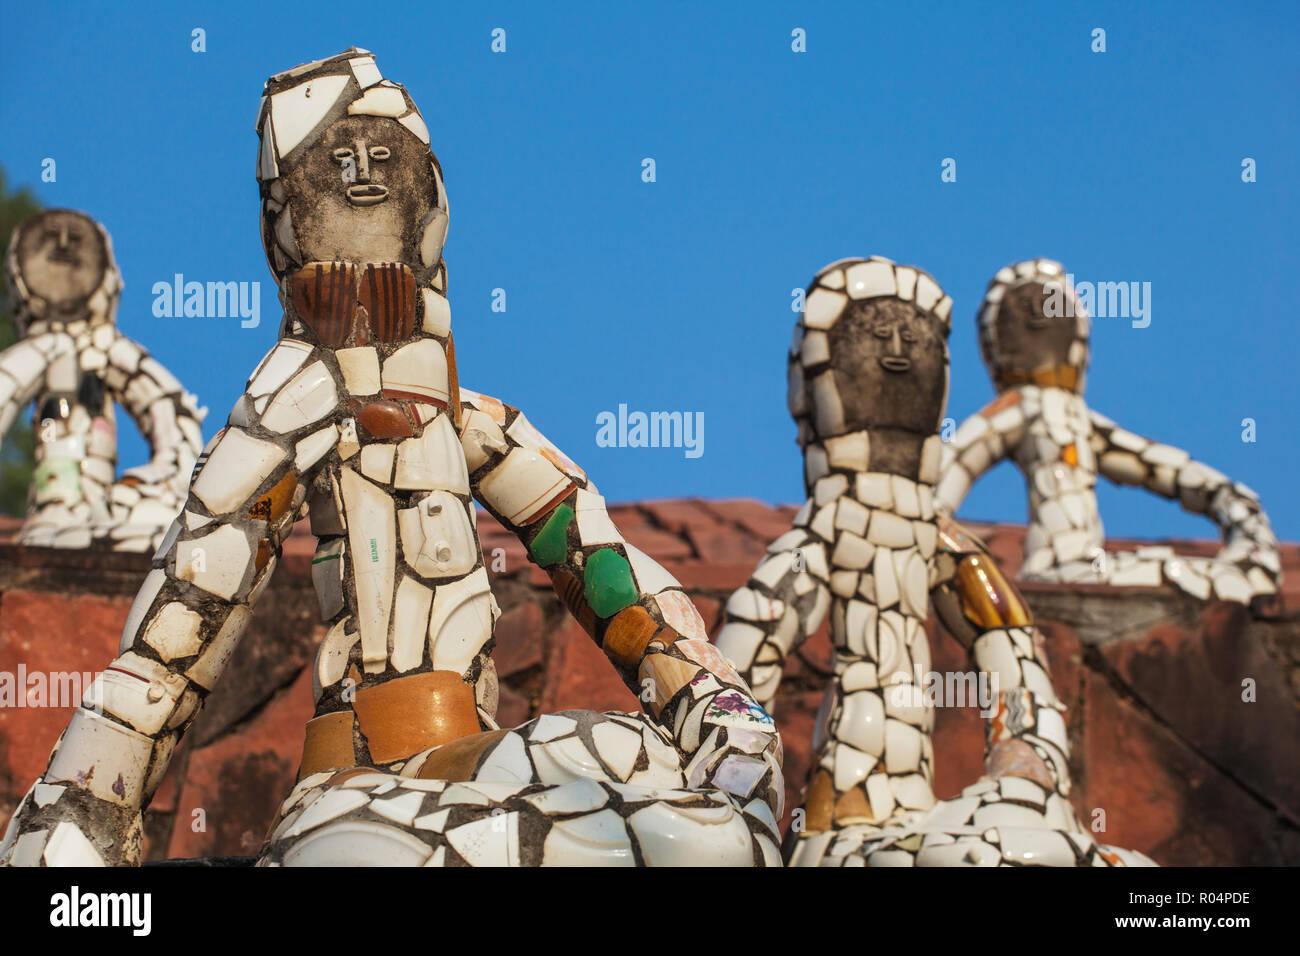 Nek Chand Rock Garden, Chandigarh, Haryana e Punjab, India, Asia Immagini Stock